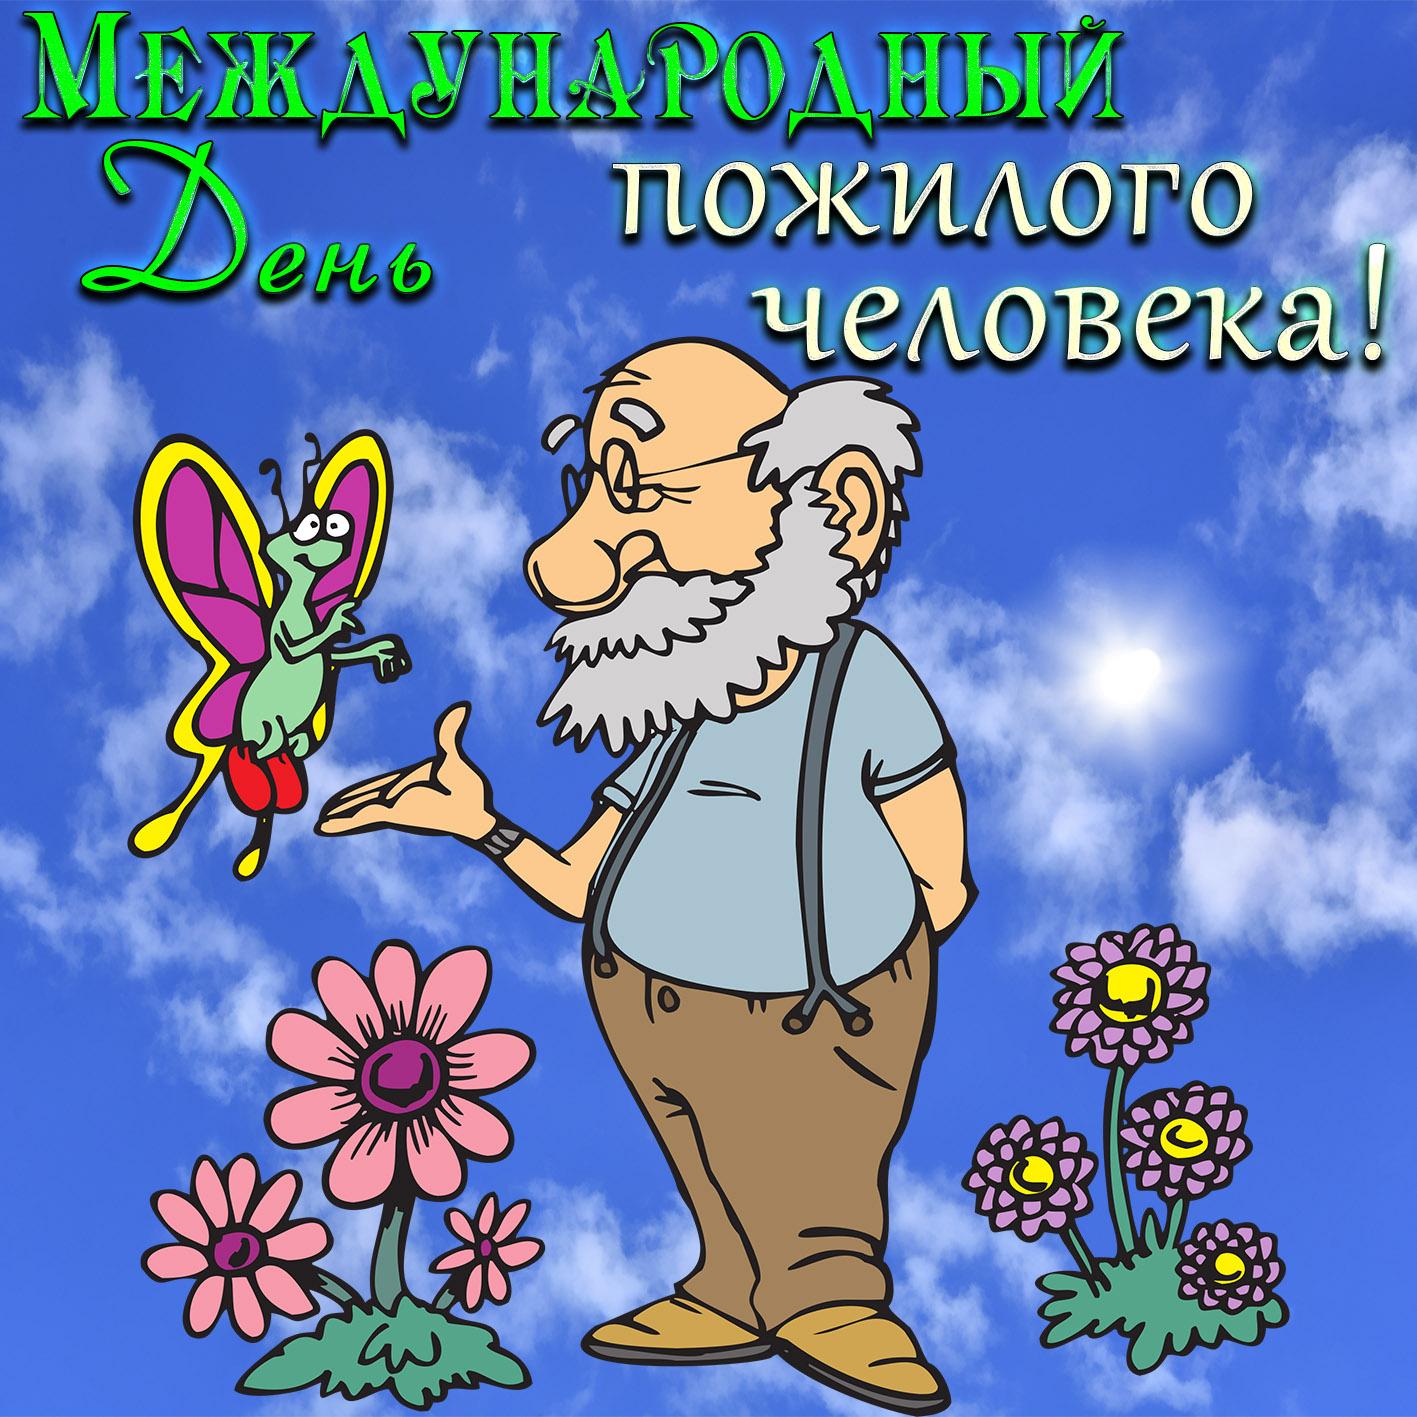 Красивые открытки для пожилых, любви